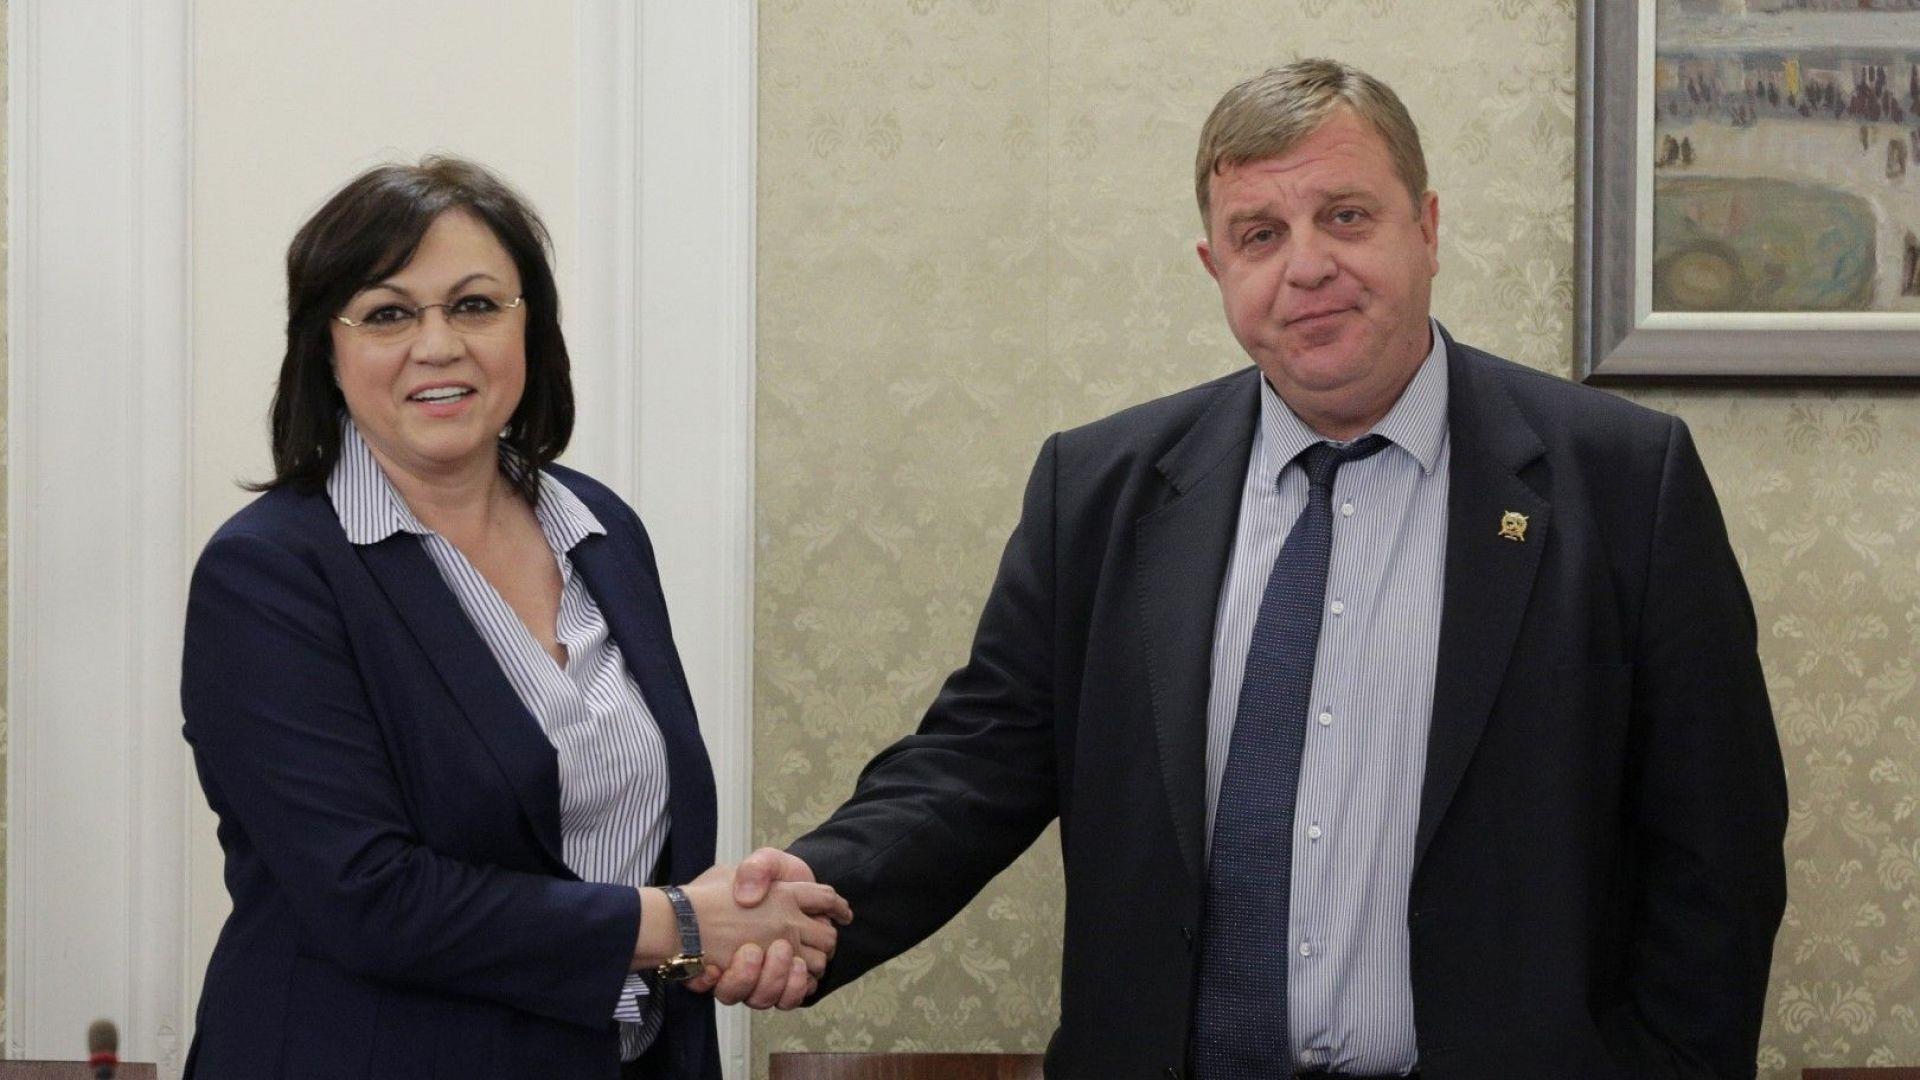 Нинова: Голяма коалиция между ГЕРБ и БСП е невъзможна и вредна за България